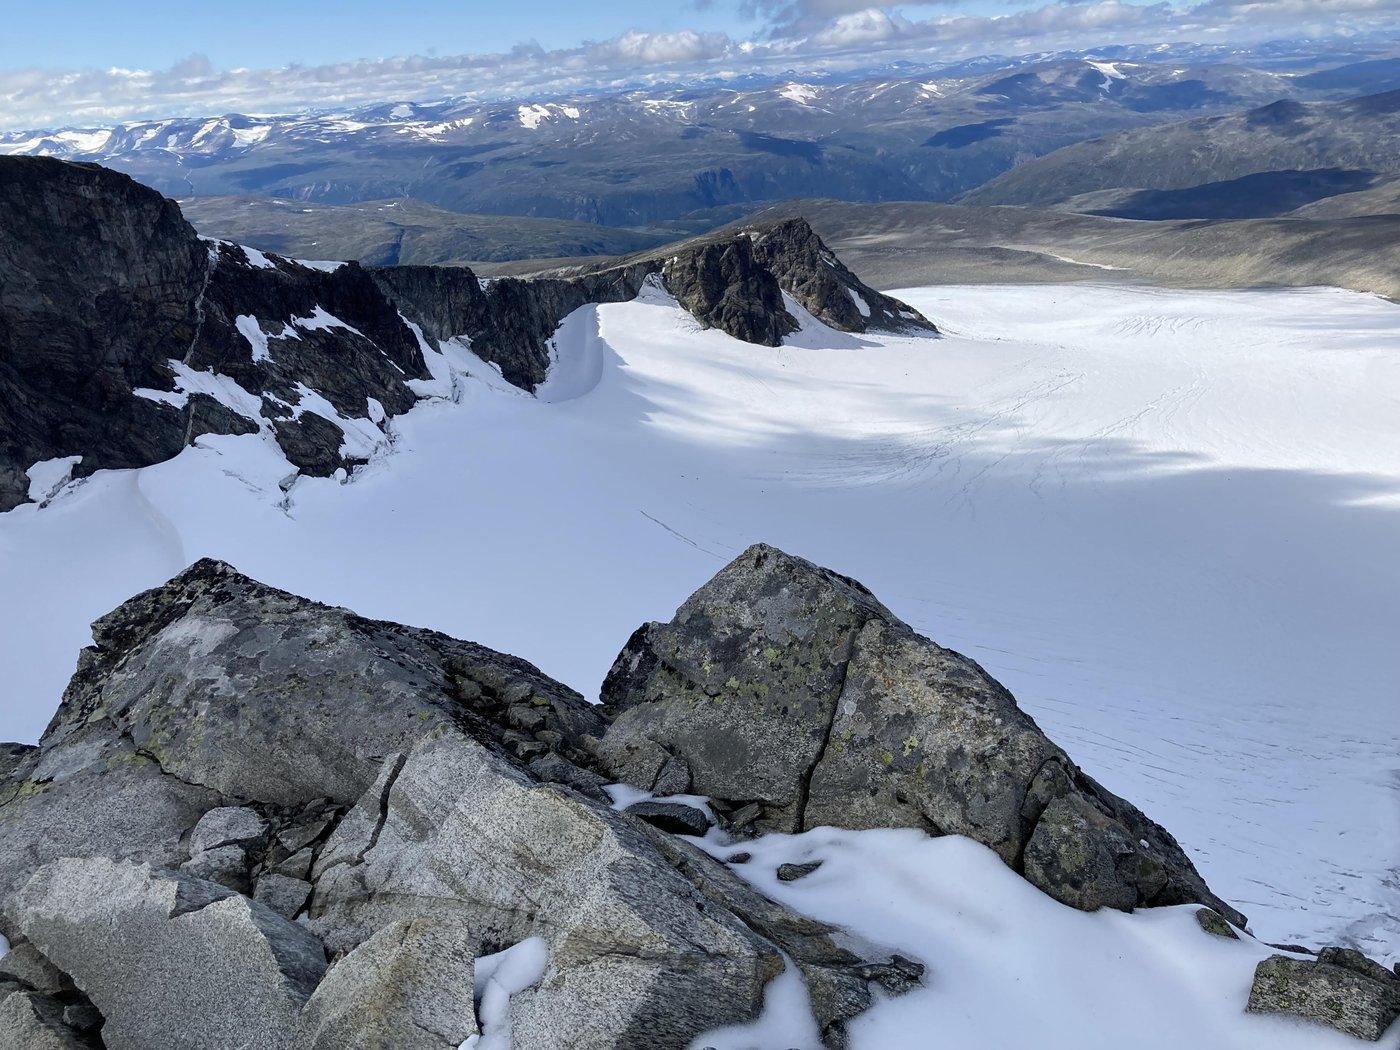 И ледник сразу под обрывом.